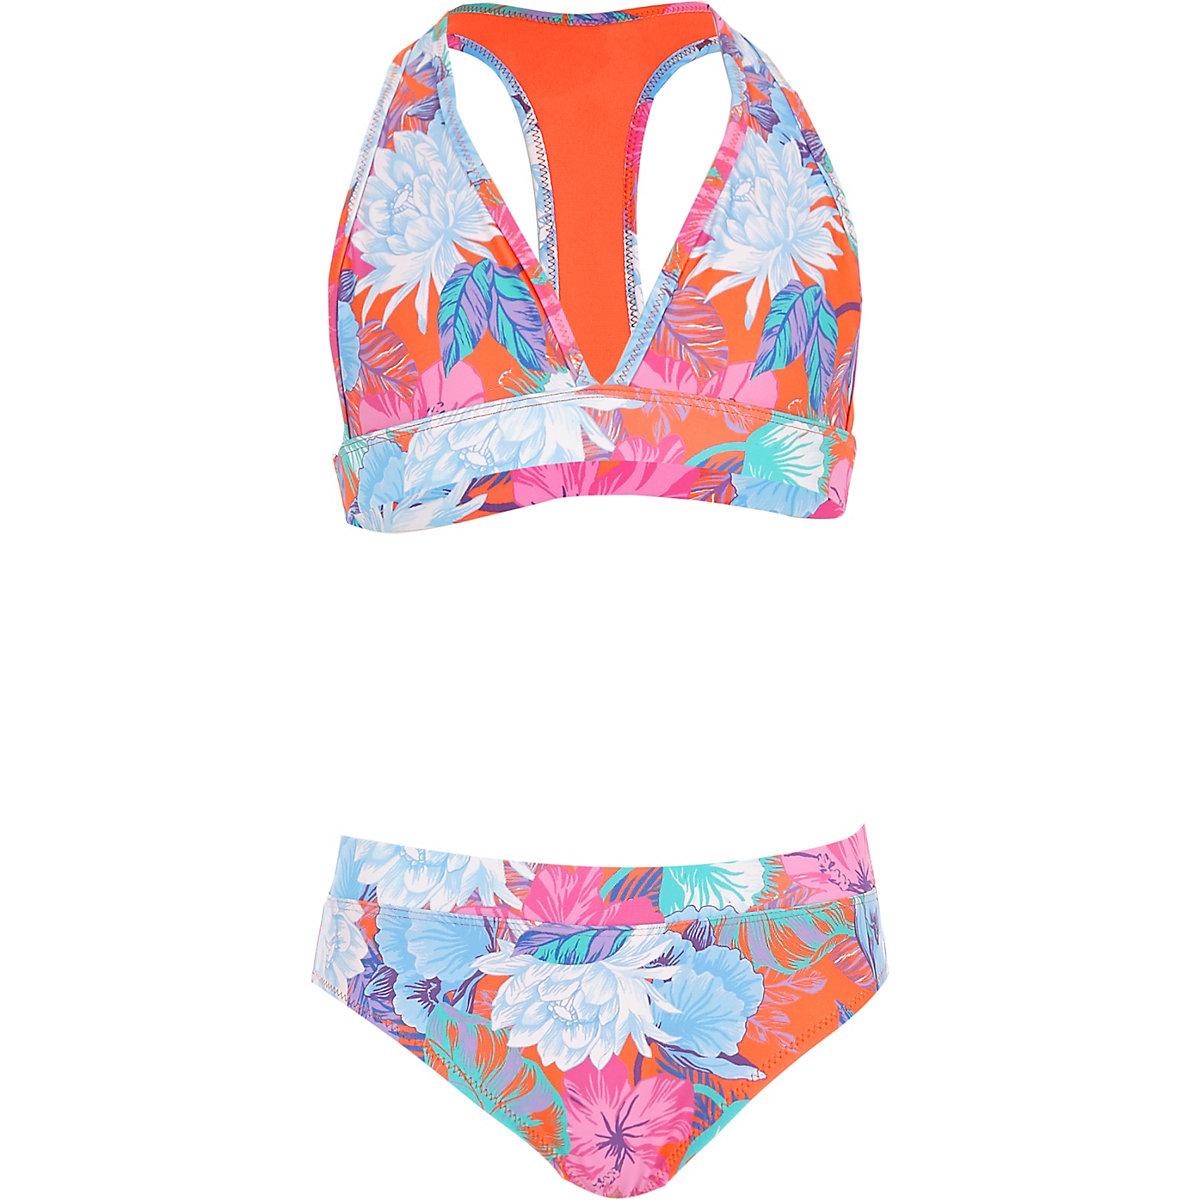 Orange floral print triangle bikini set